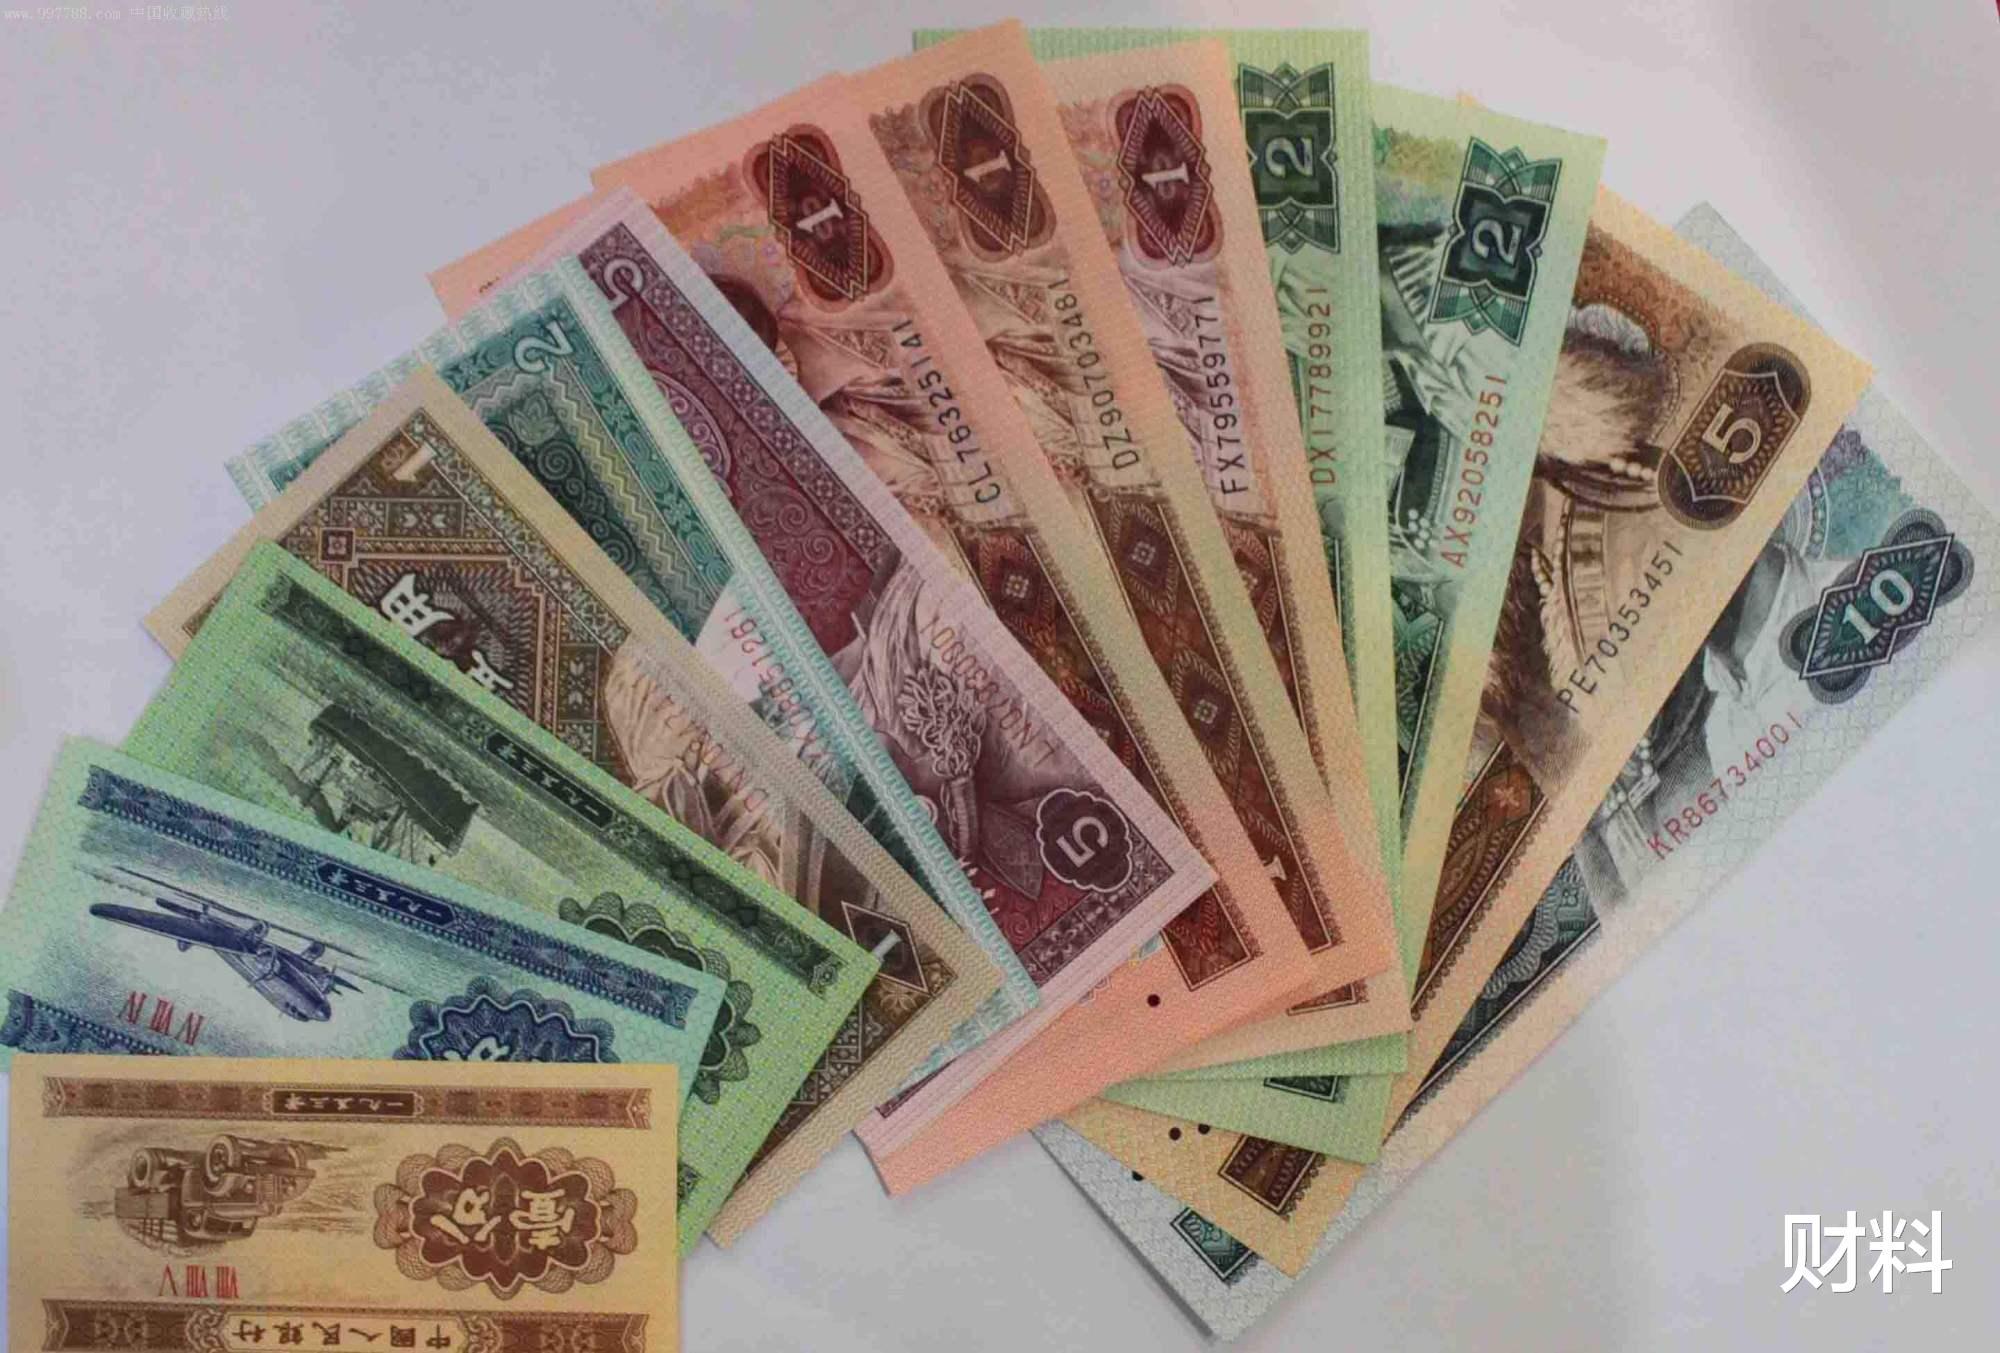 人民幣為何止步100元面額,不能發行千元面額嗎?有三個原因-圖2